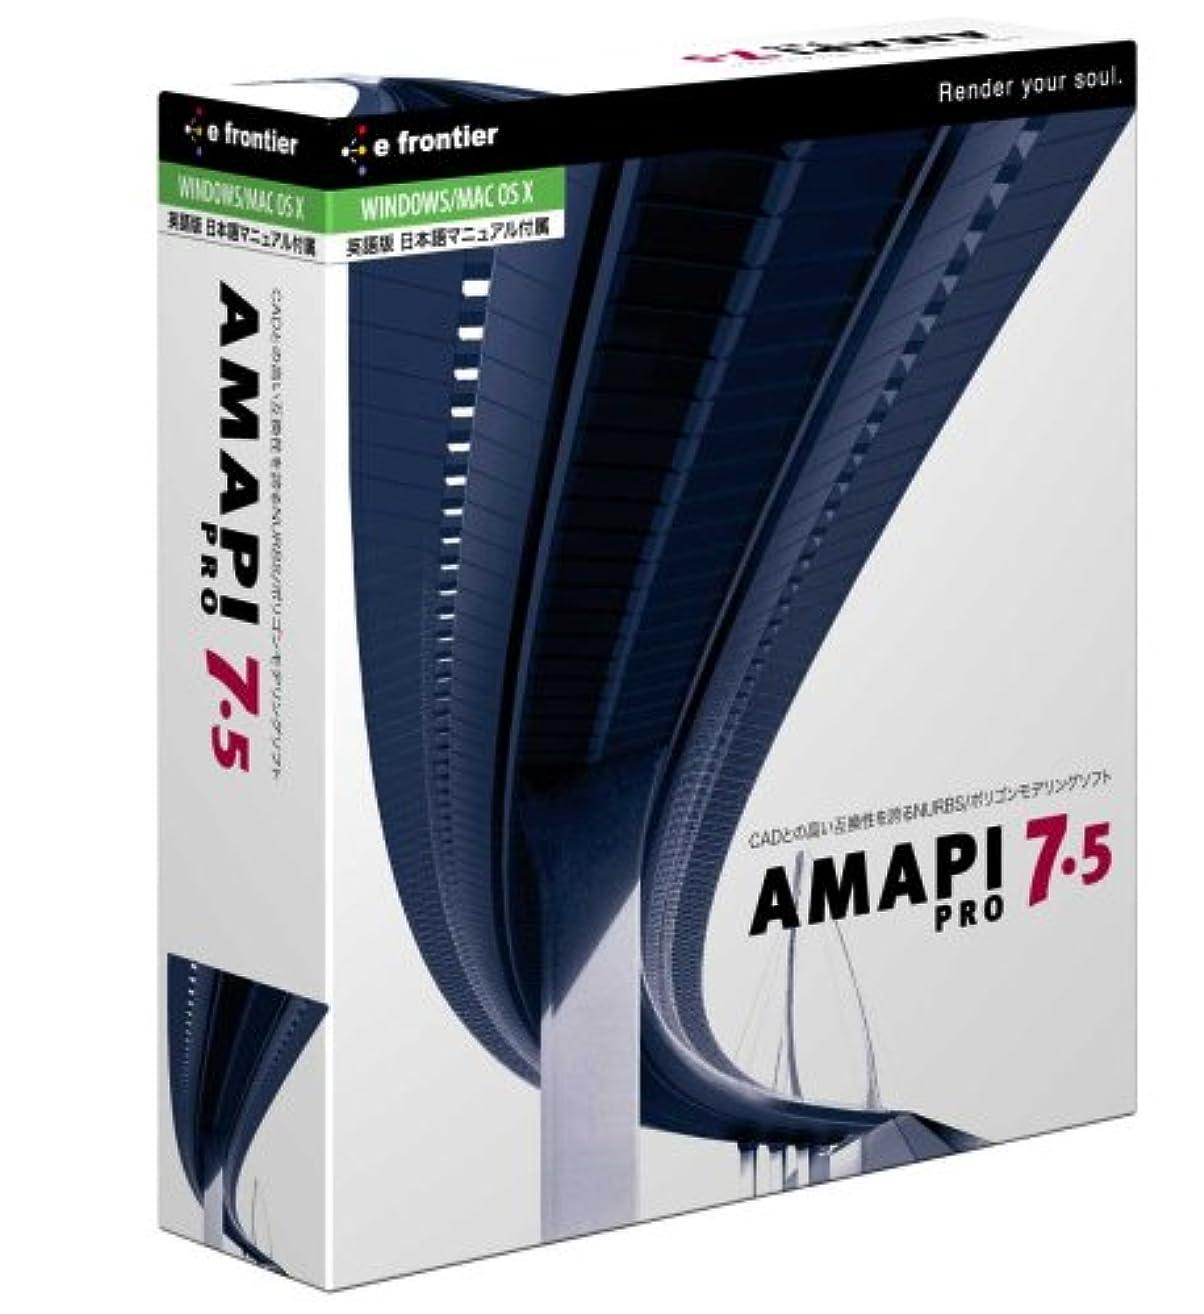 どこでもコイン二年生Amapi Pro 7.5 英語版 (日本語マニュアル付)